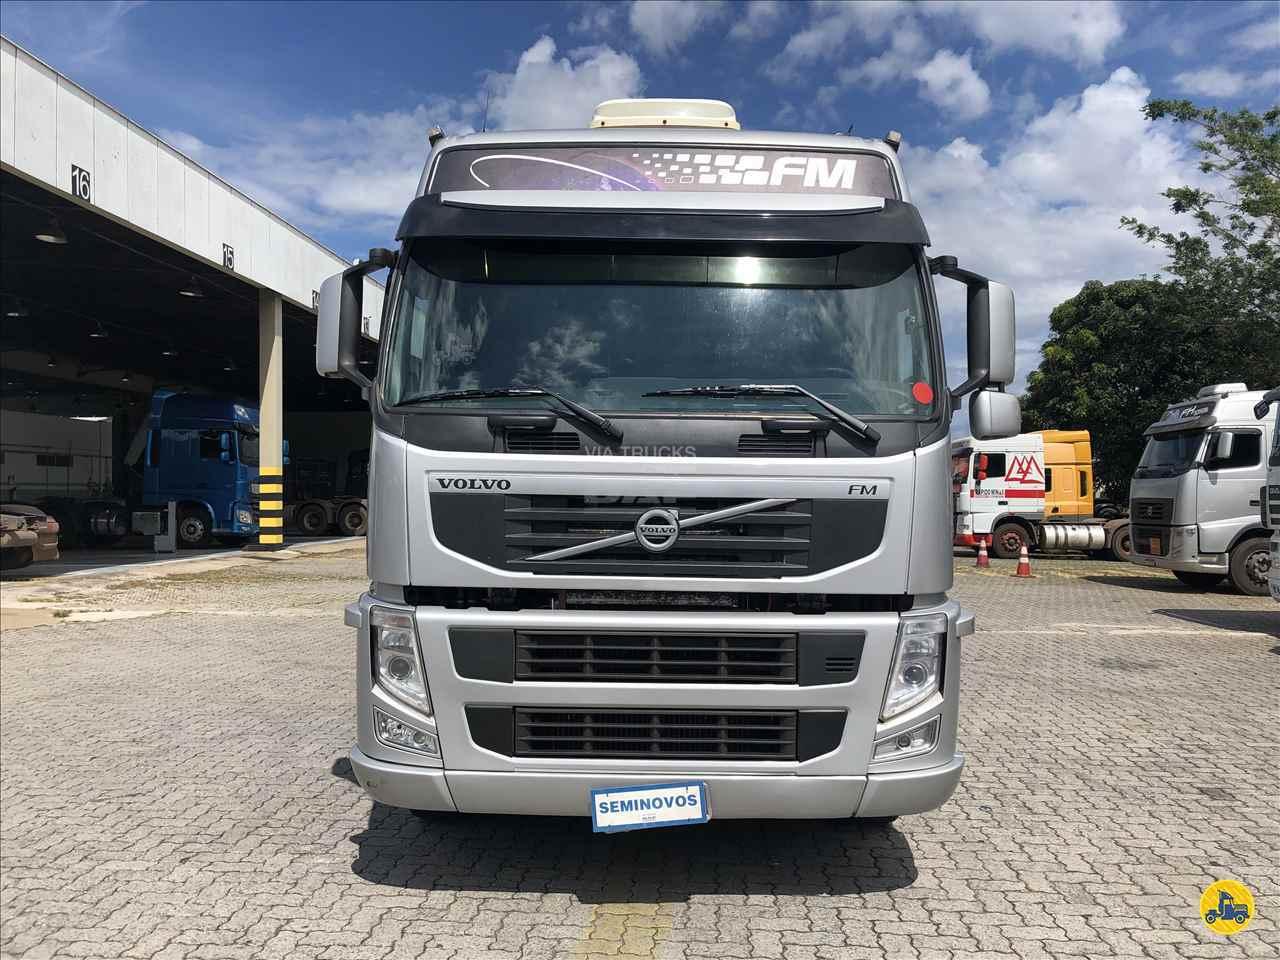 CAMINHAO VOLVO VOLVO FM 370 Chassis Truck 6x2 Via Trucks - DAF CONTAGEM MINAS GERAIS MG